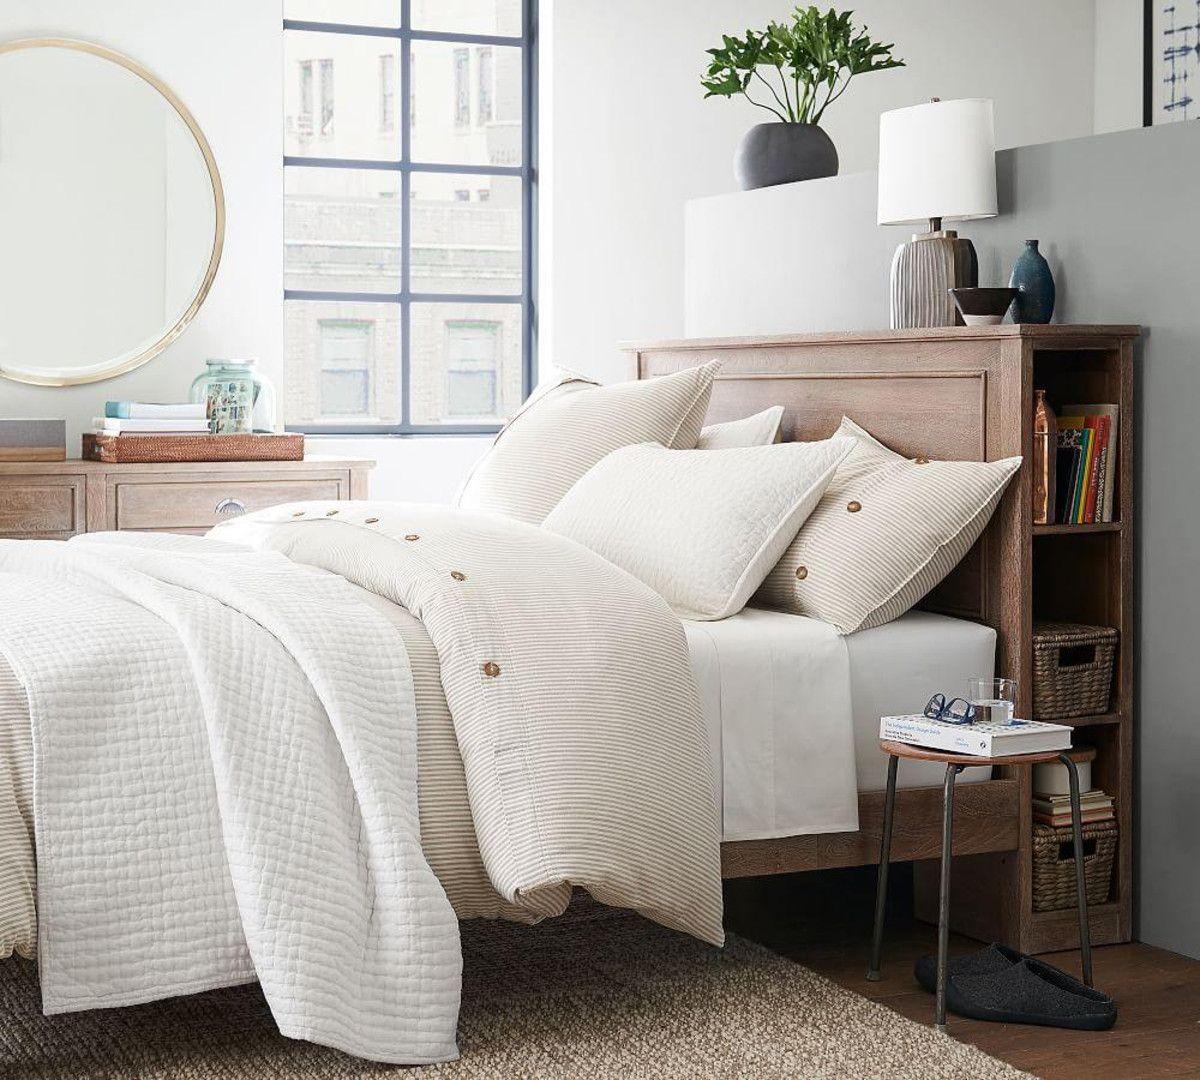 Astoria Storage Headboard & Platform Bed Bed design